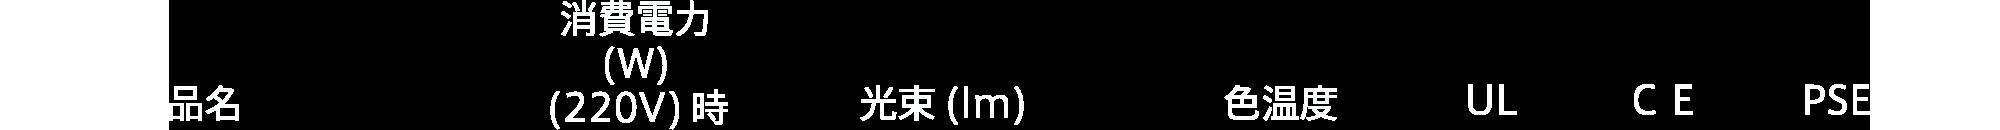 スペック表対応ラベル